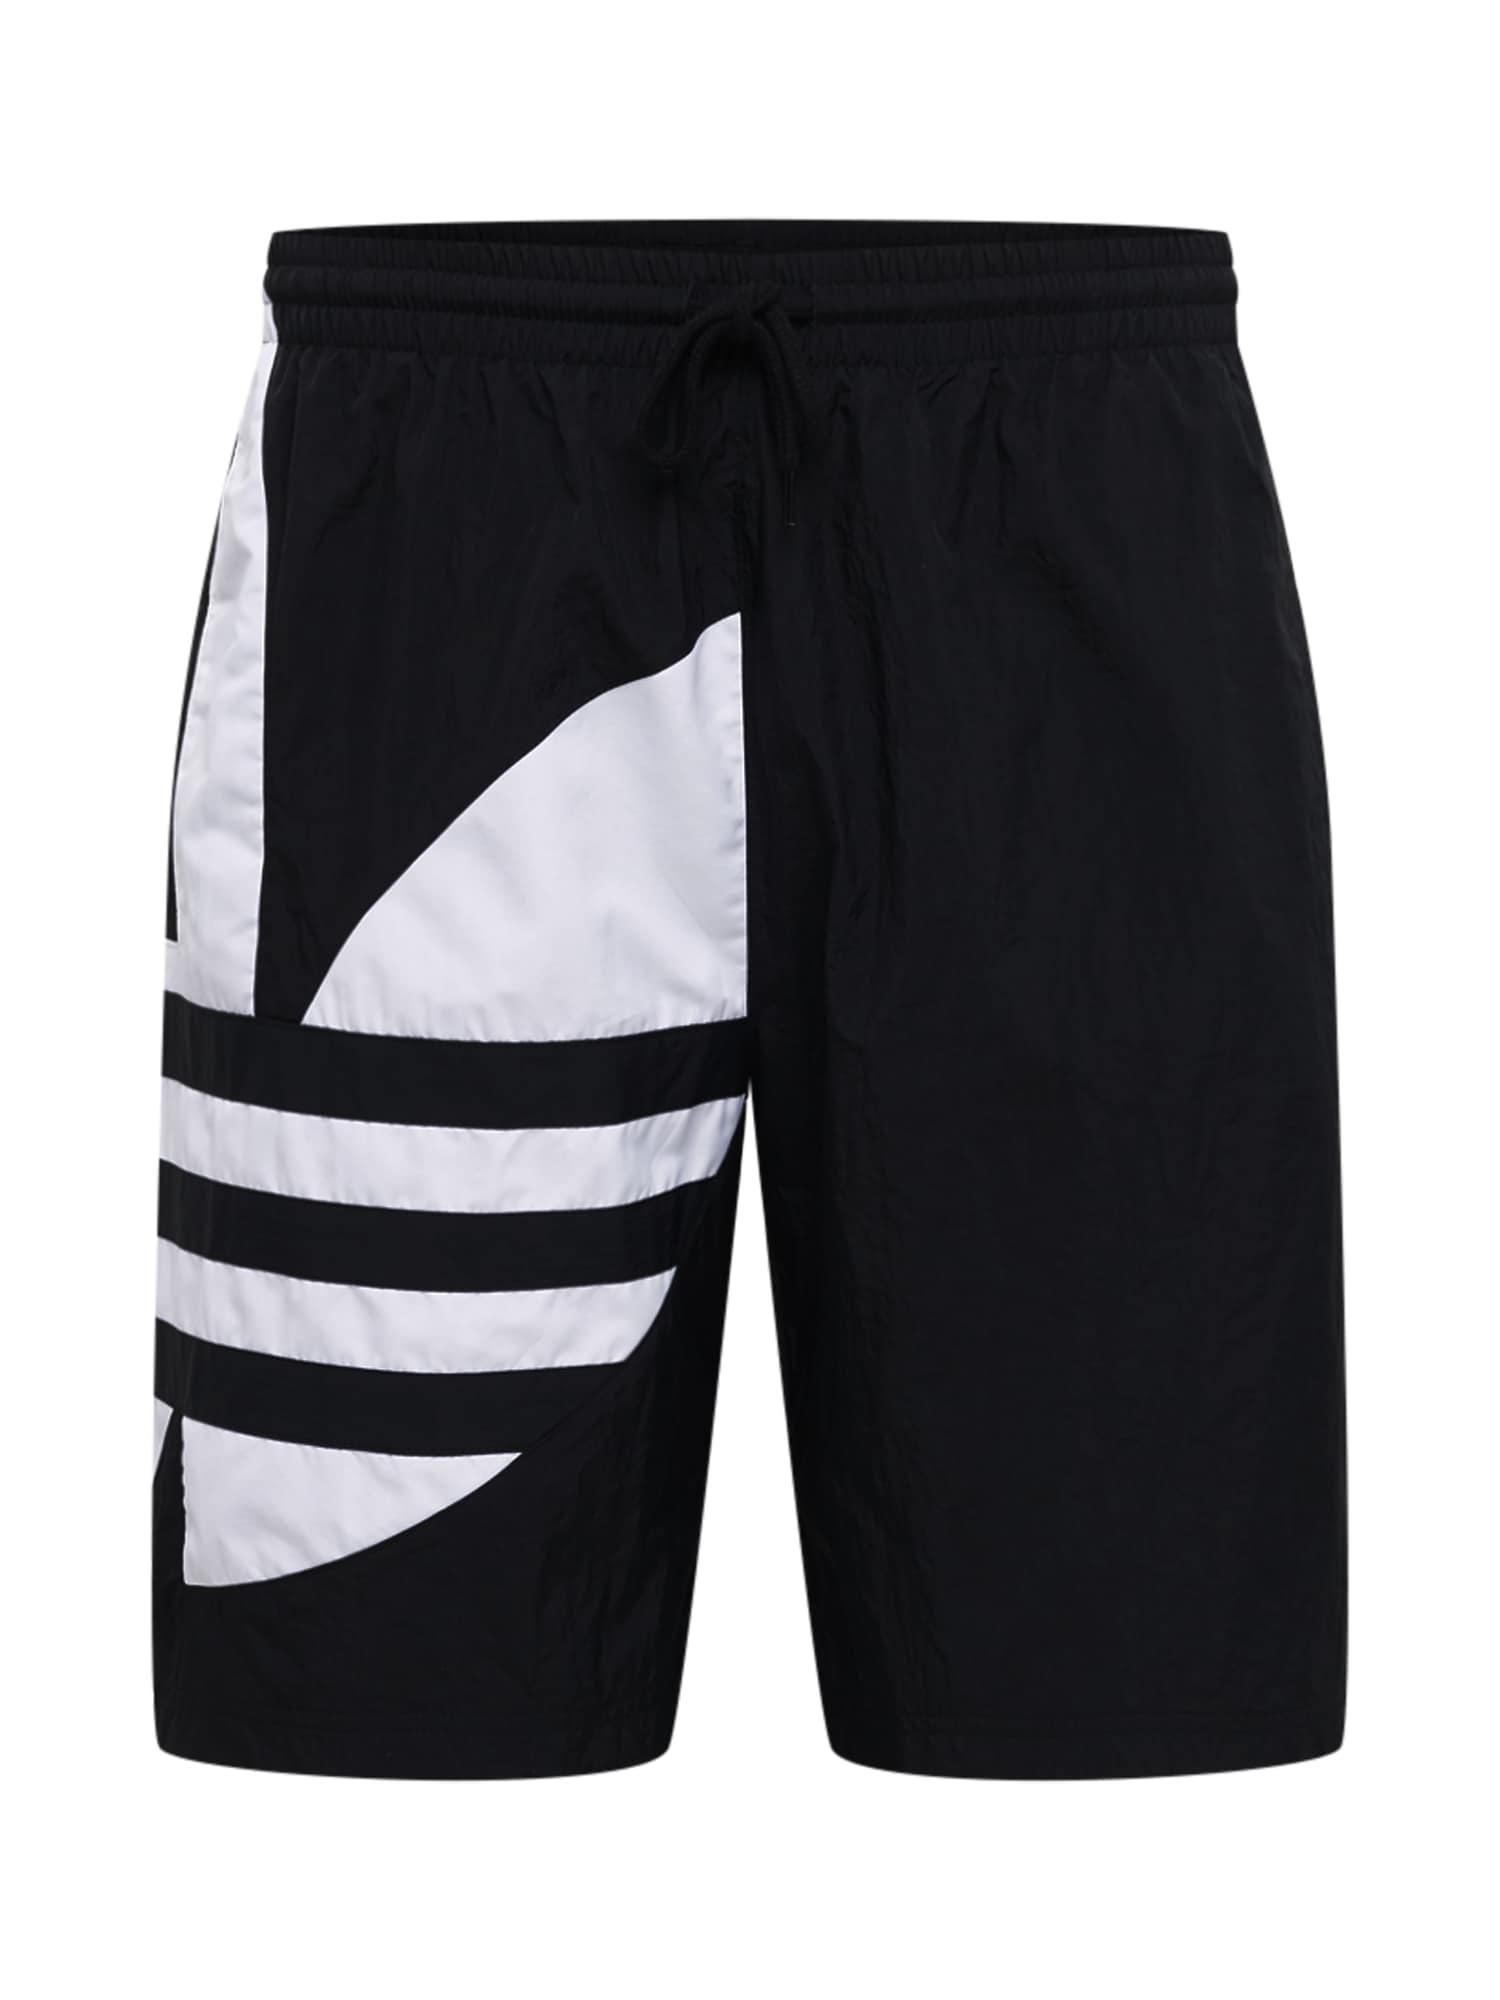 ADIDAS ORIGINALS Kelnės 'Big Trefoil' juoda / balta